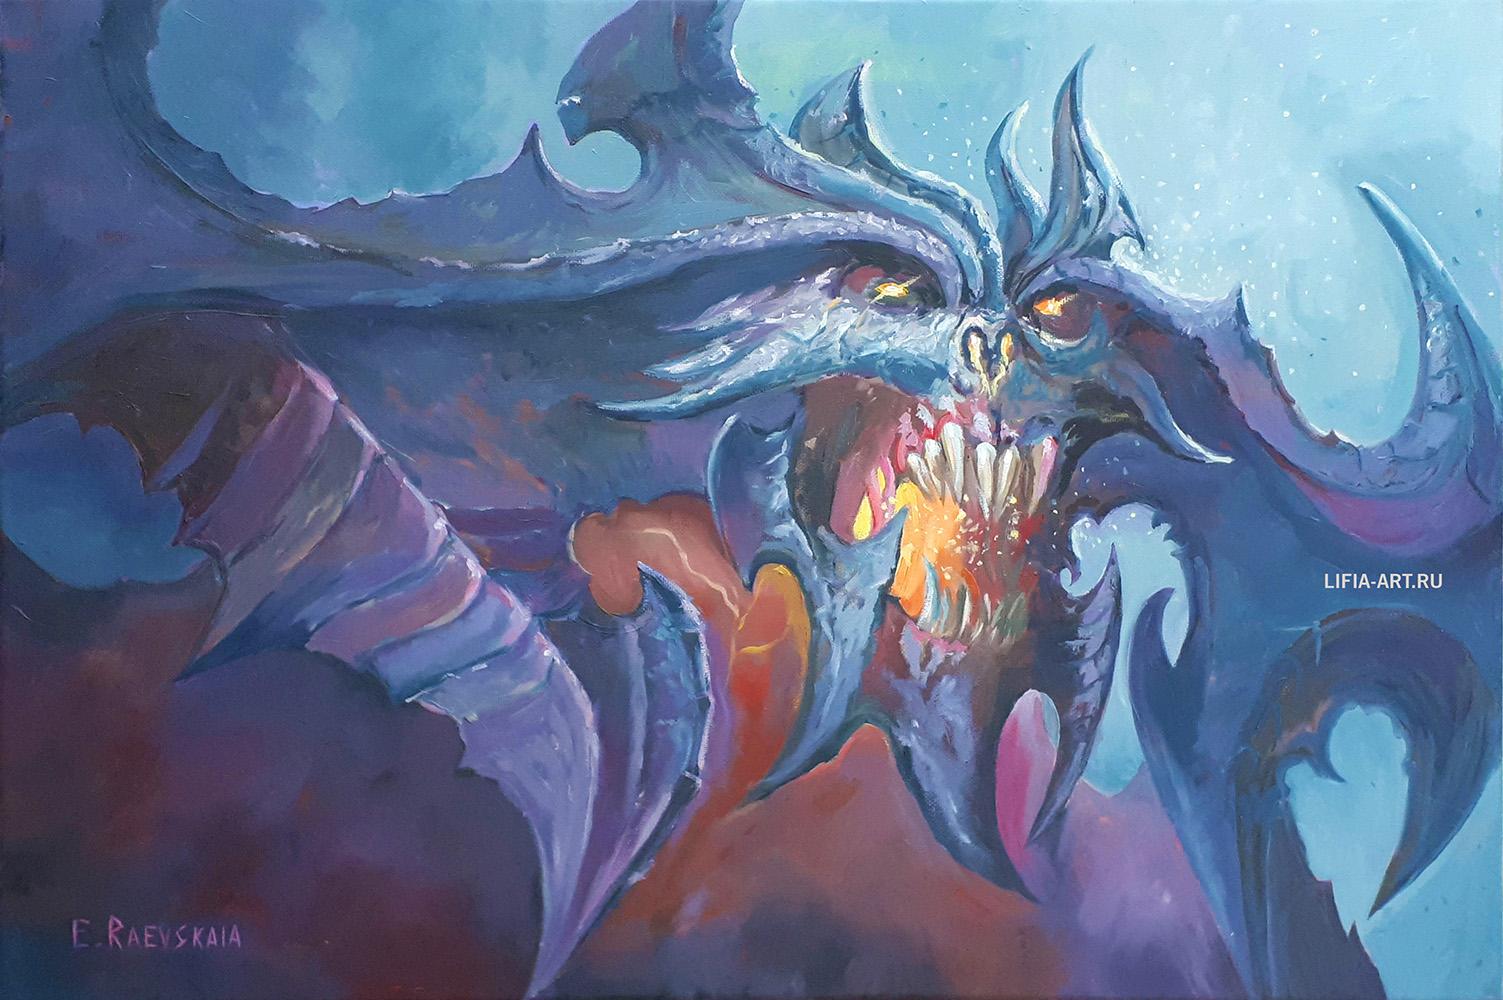 «К нашему несчастью, из всех Изначальных Зол мы больше всего знаем о Владыке Ужаса, Аль'Диаболосе; чаще его именуют Диабло. Он суть корень всех страхов, глубоко сокрытых в смертных умах, кошмар, пробуждающий нас в холодном поту среди ночи. Он — - Diablo 3